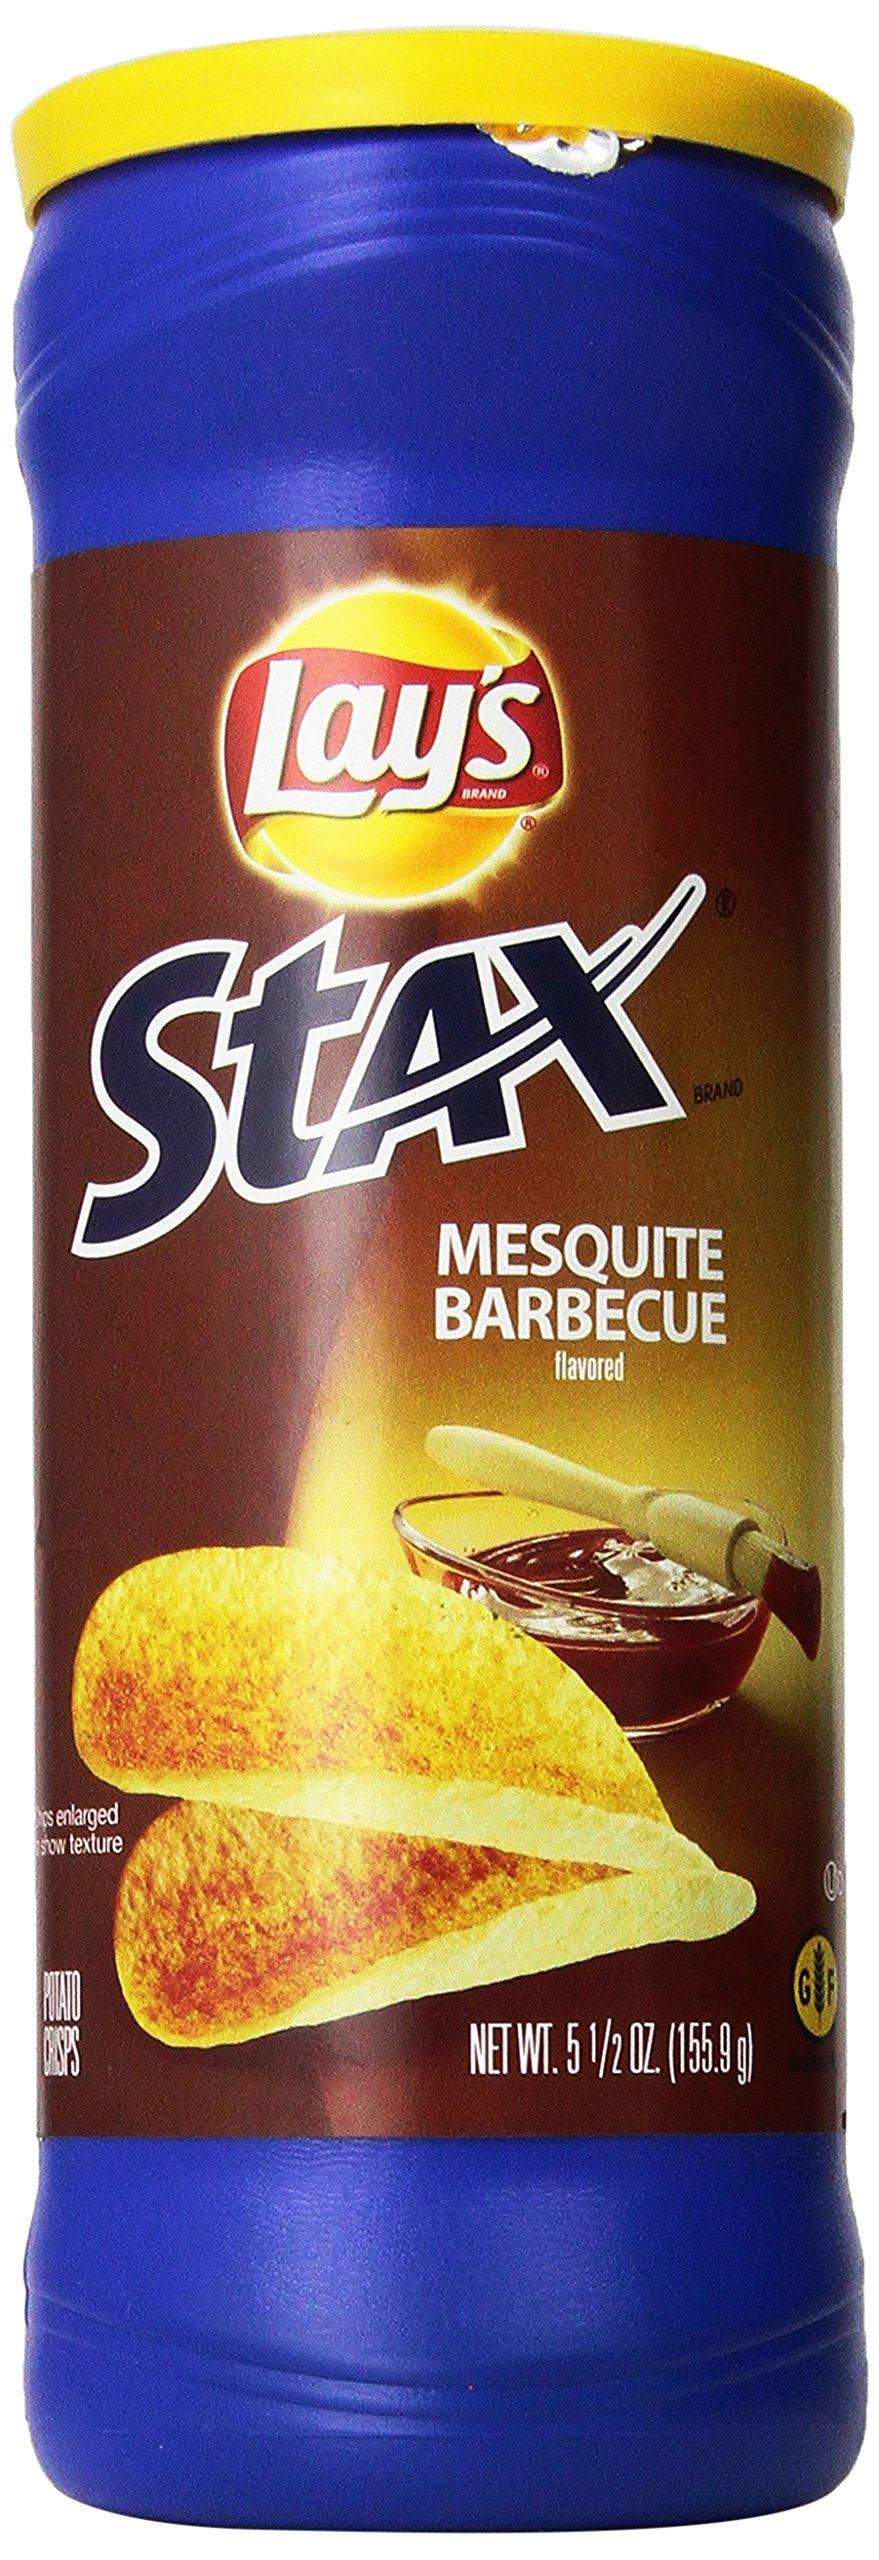 Lay's Stax Mesquite Barbecue Flavored Potato Crisps 5.5 oz